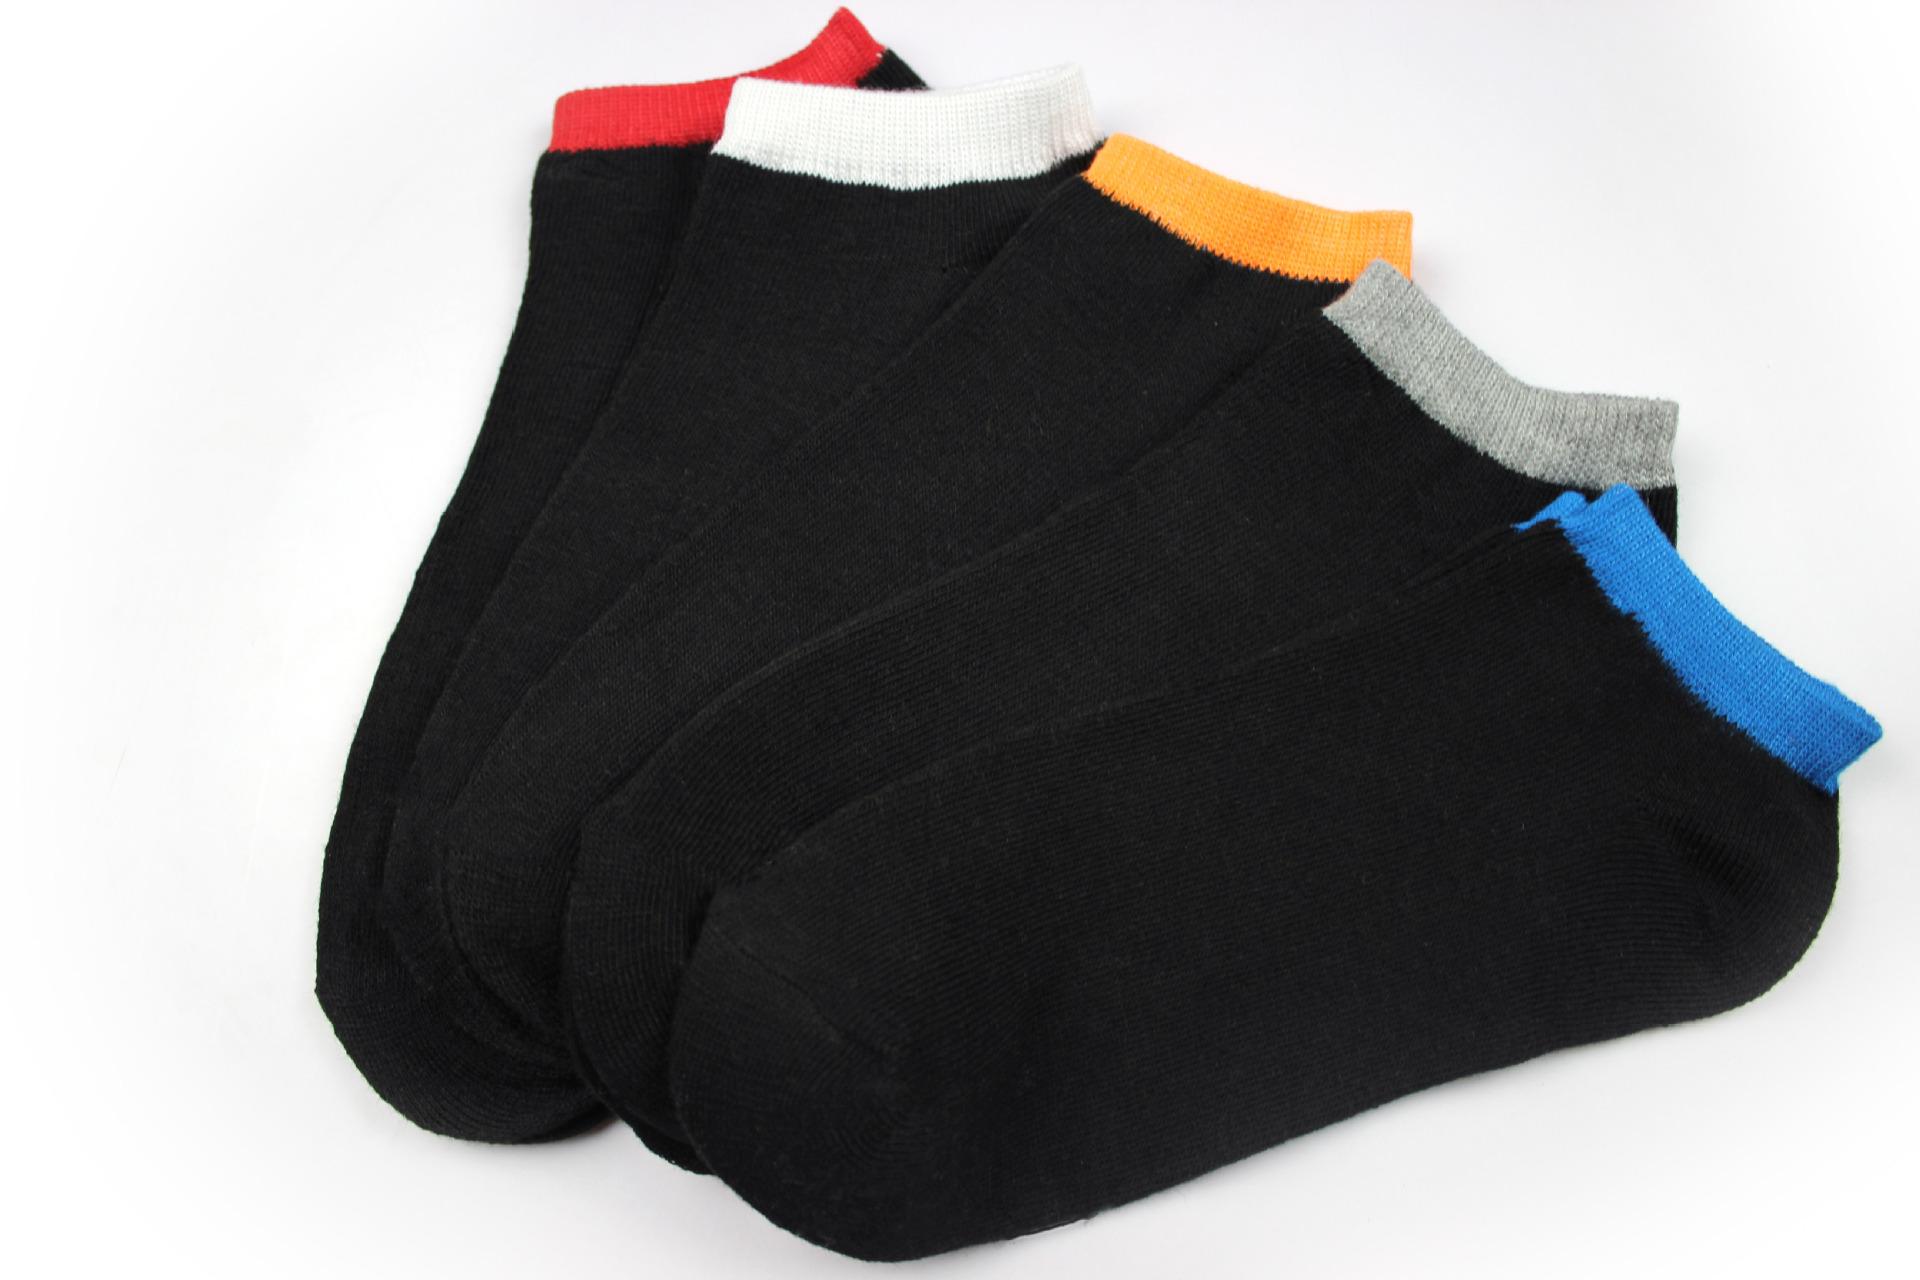 男士袜子色彩搭配的技巧2